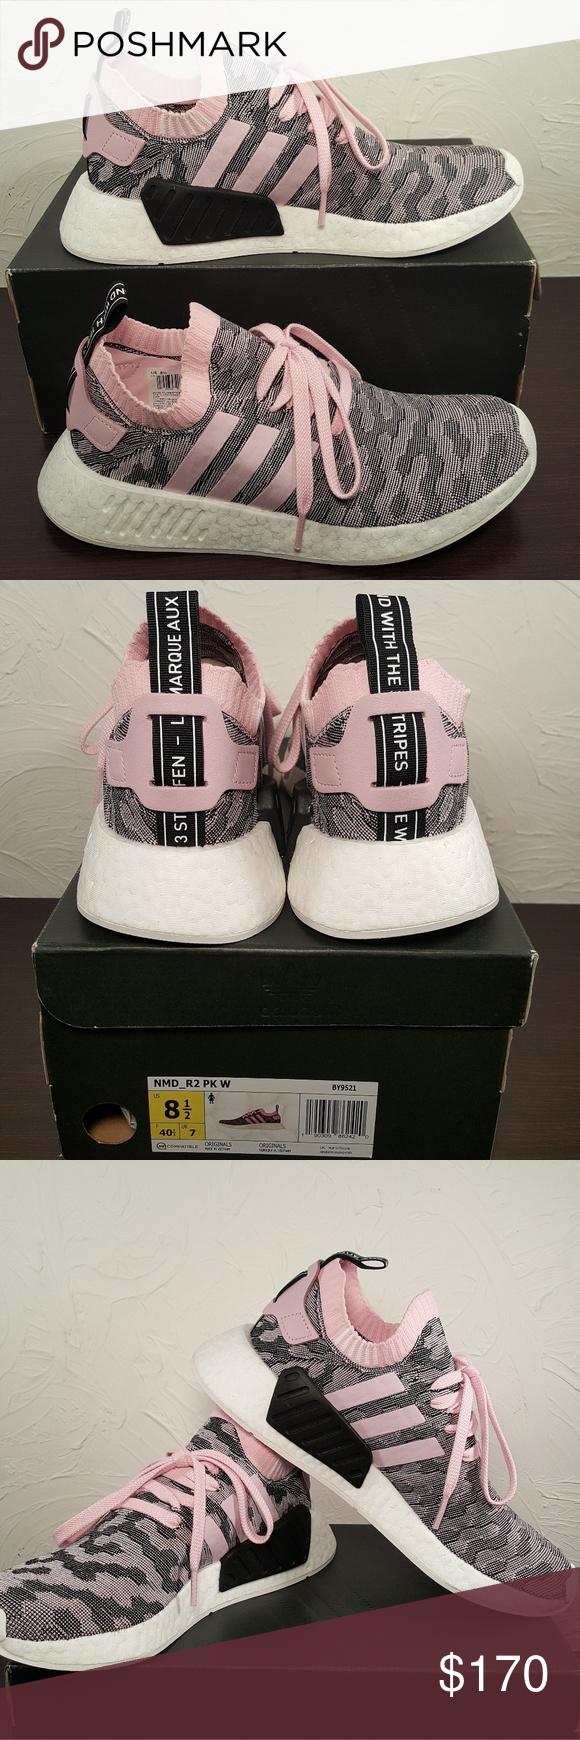 avvistato mentre a fare shopping in poshmark: adidas nmd r2 scarpe le dimensioni